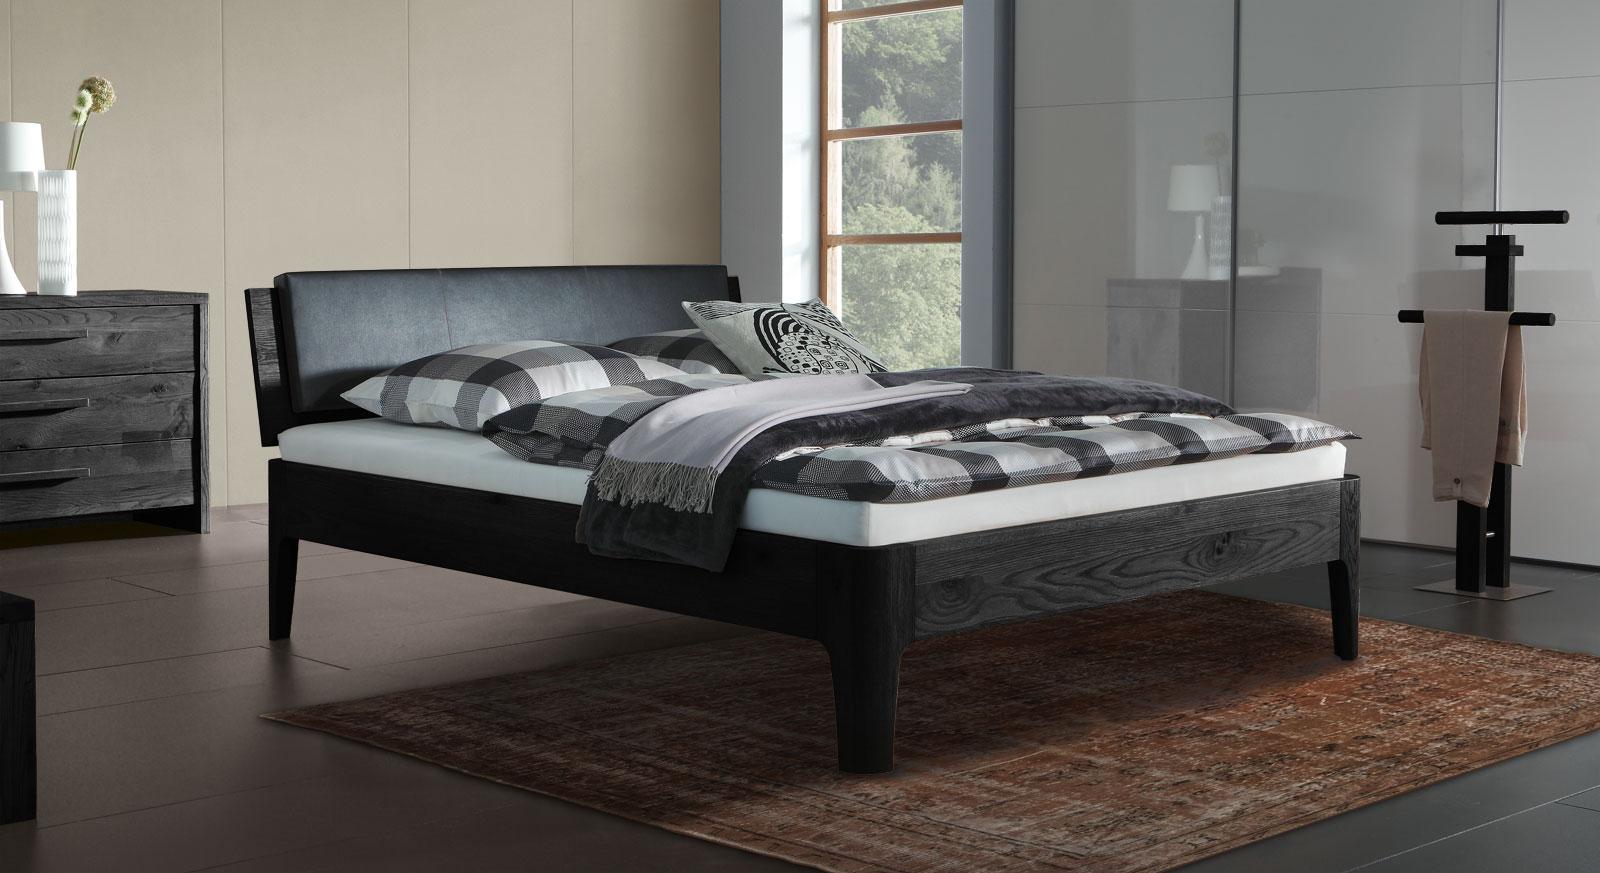 Eiche-Bett Lugo in graphitfarben mit 25cm hohen Füßen